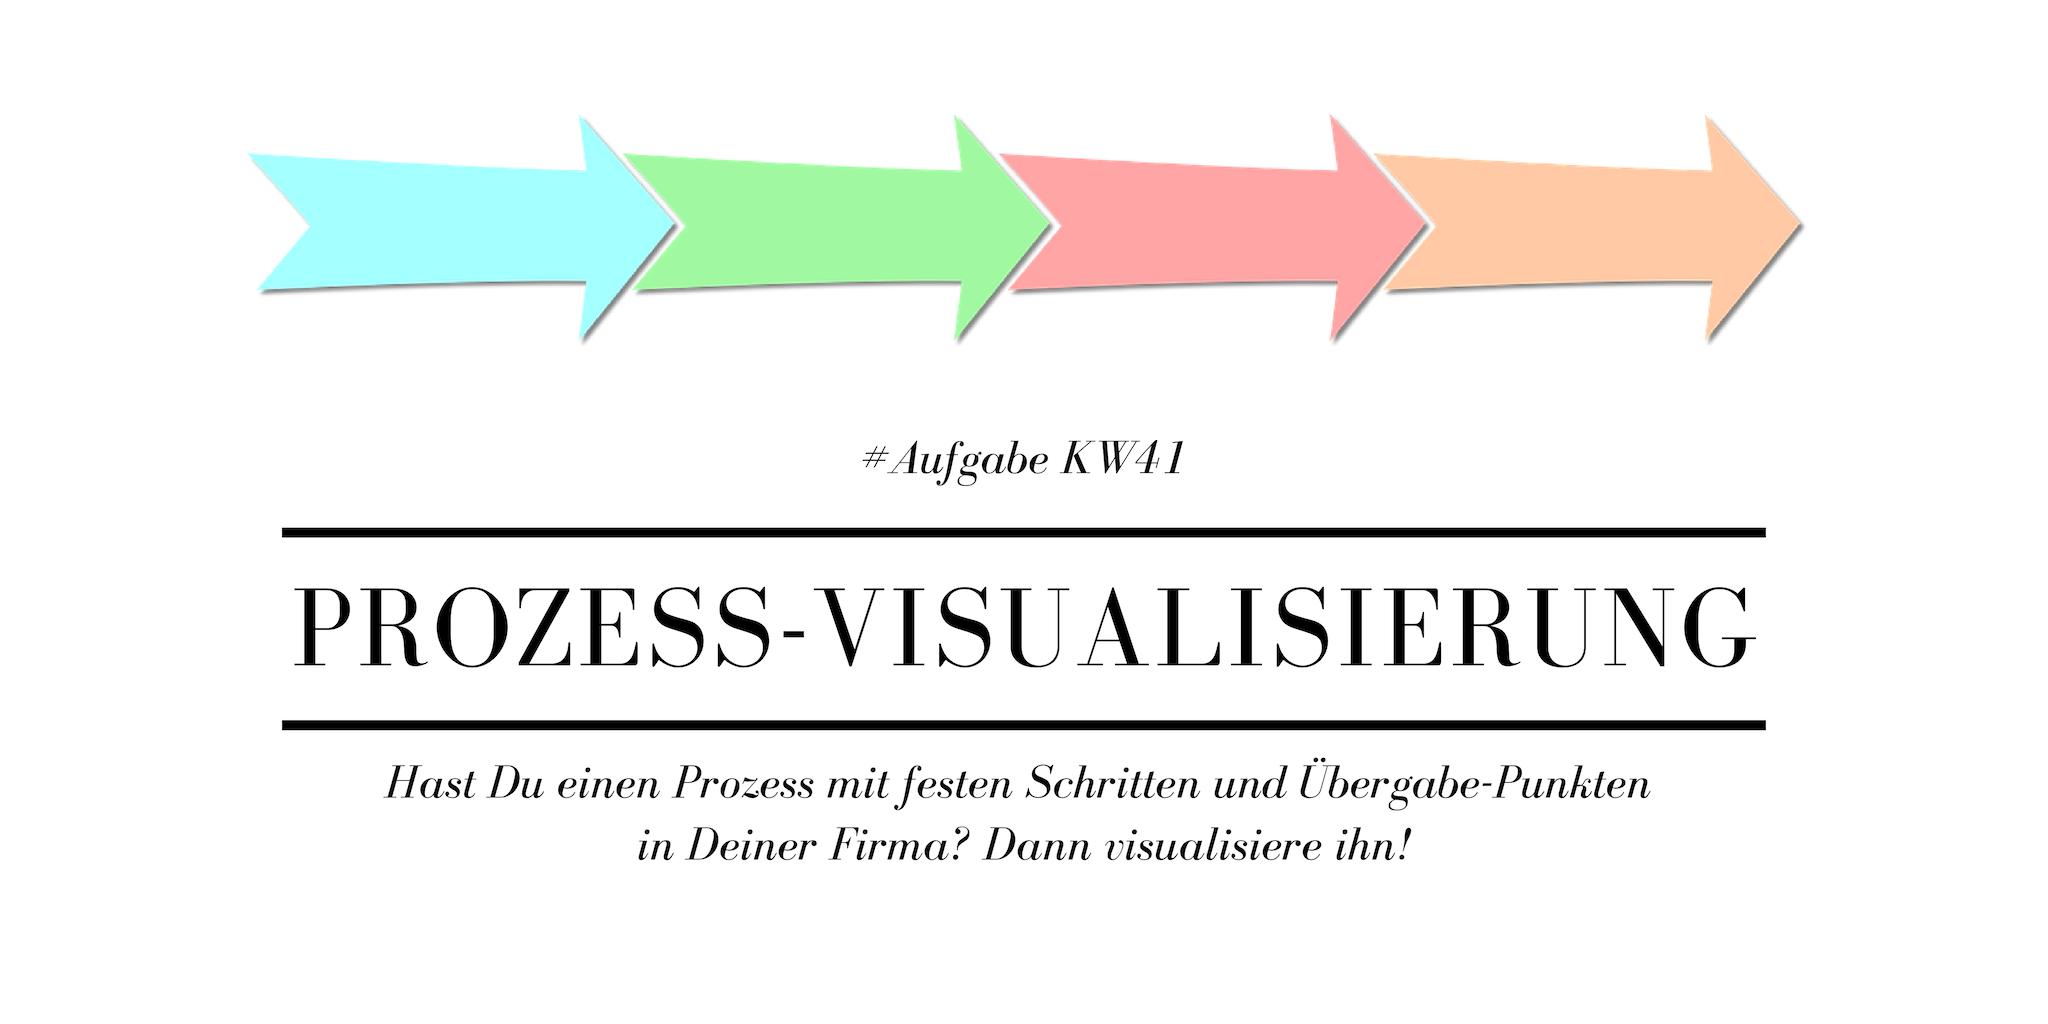 KW41 - Prozess-Visualisierung